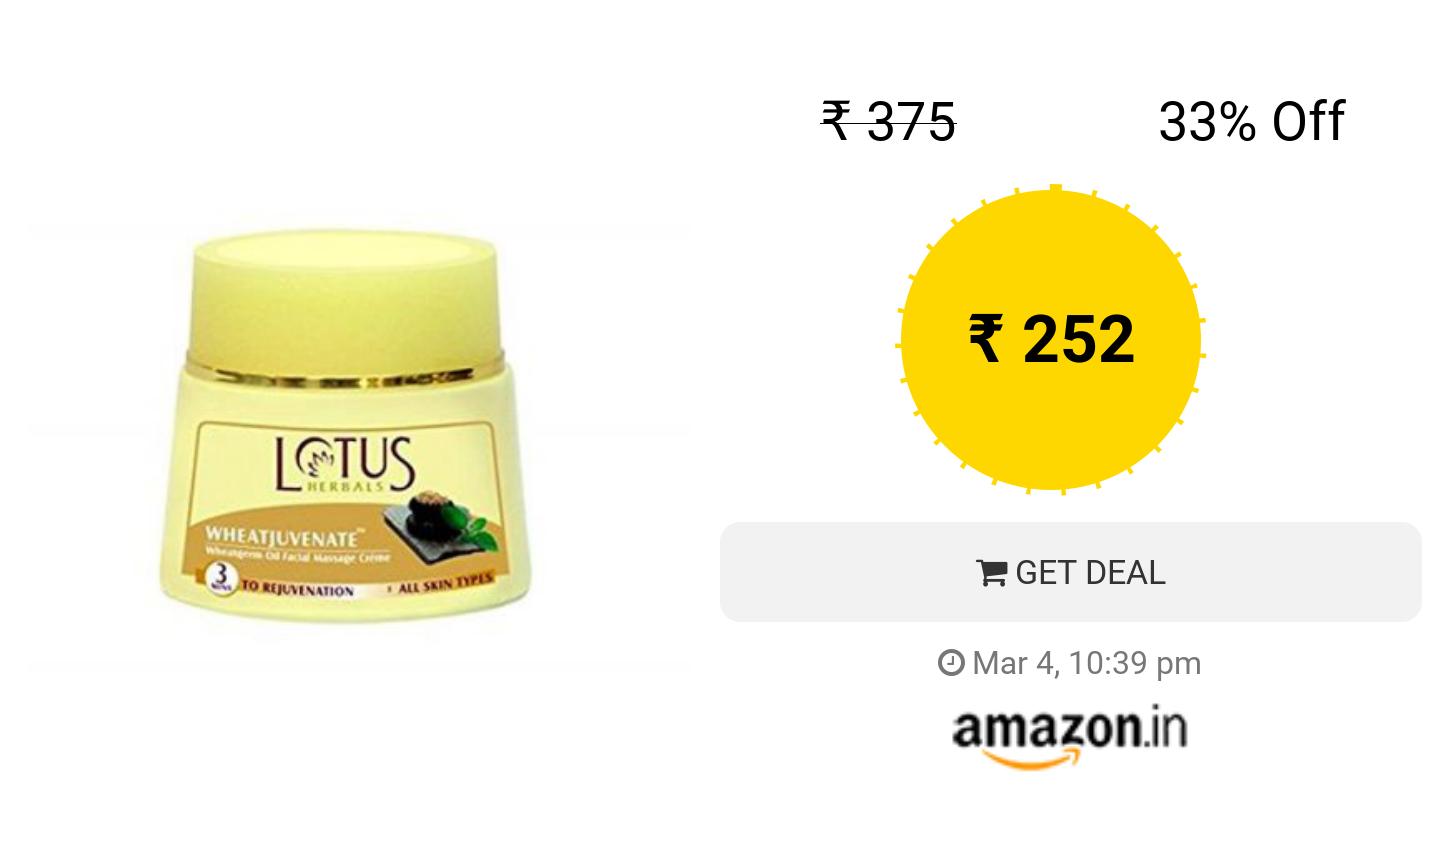 Lotus Herbals Wheatnourish Wheatgerm Oil And Honey Nourishment Massage Cream 50g Herbalism Nourishment Massage